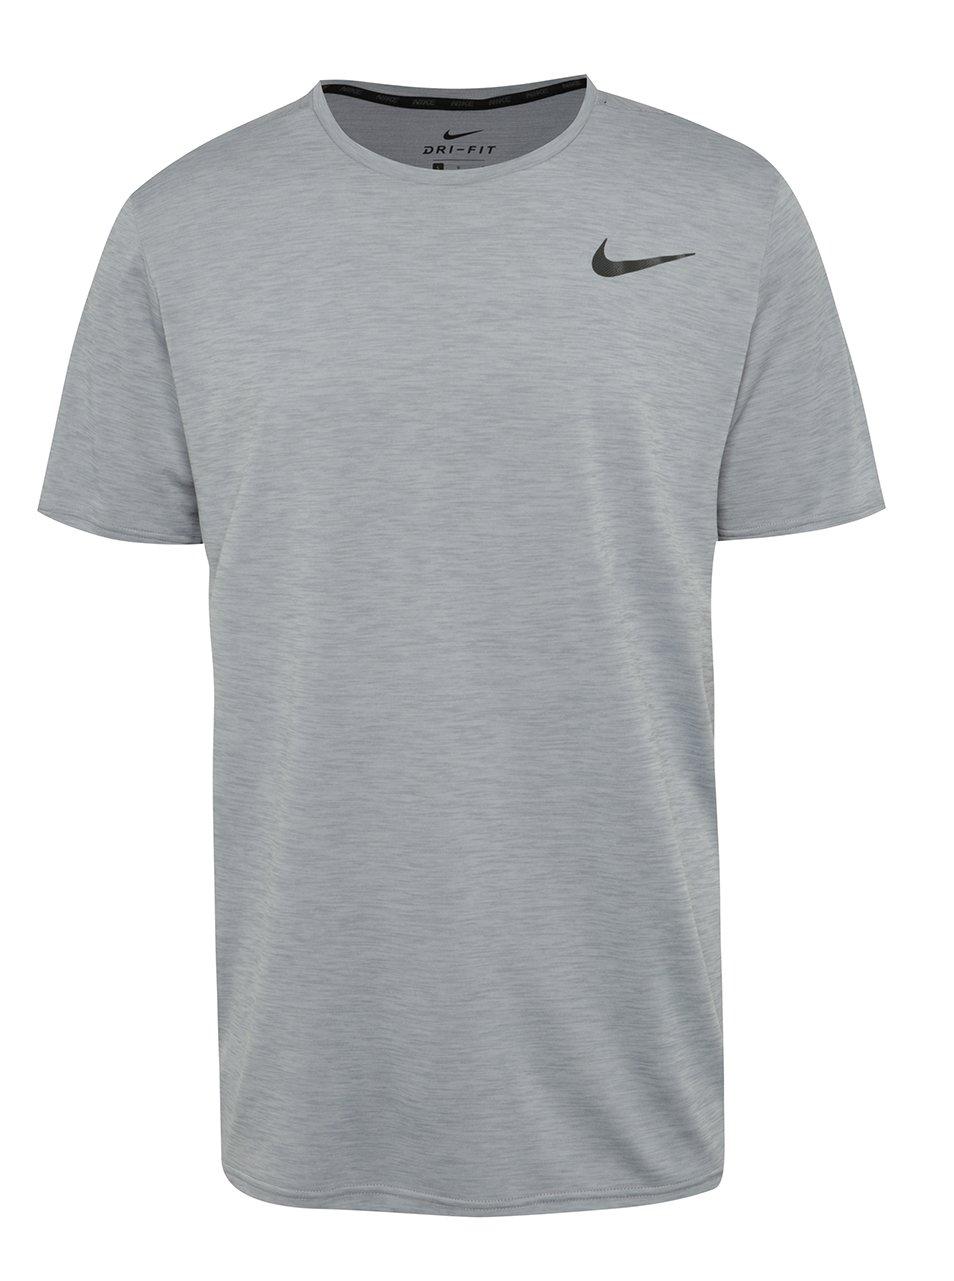 Světle šedé žíhané pánské funkční triko Nike Breathe